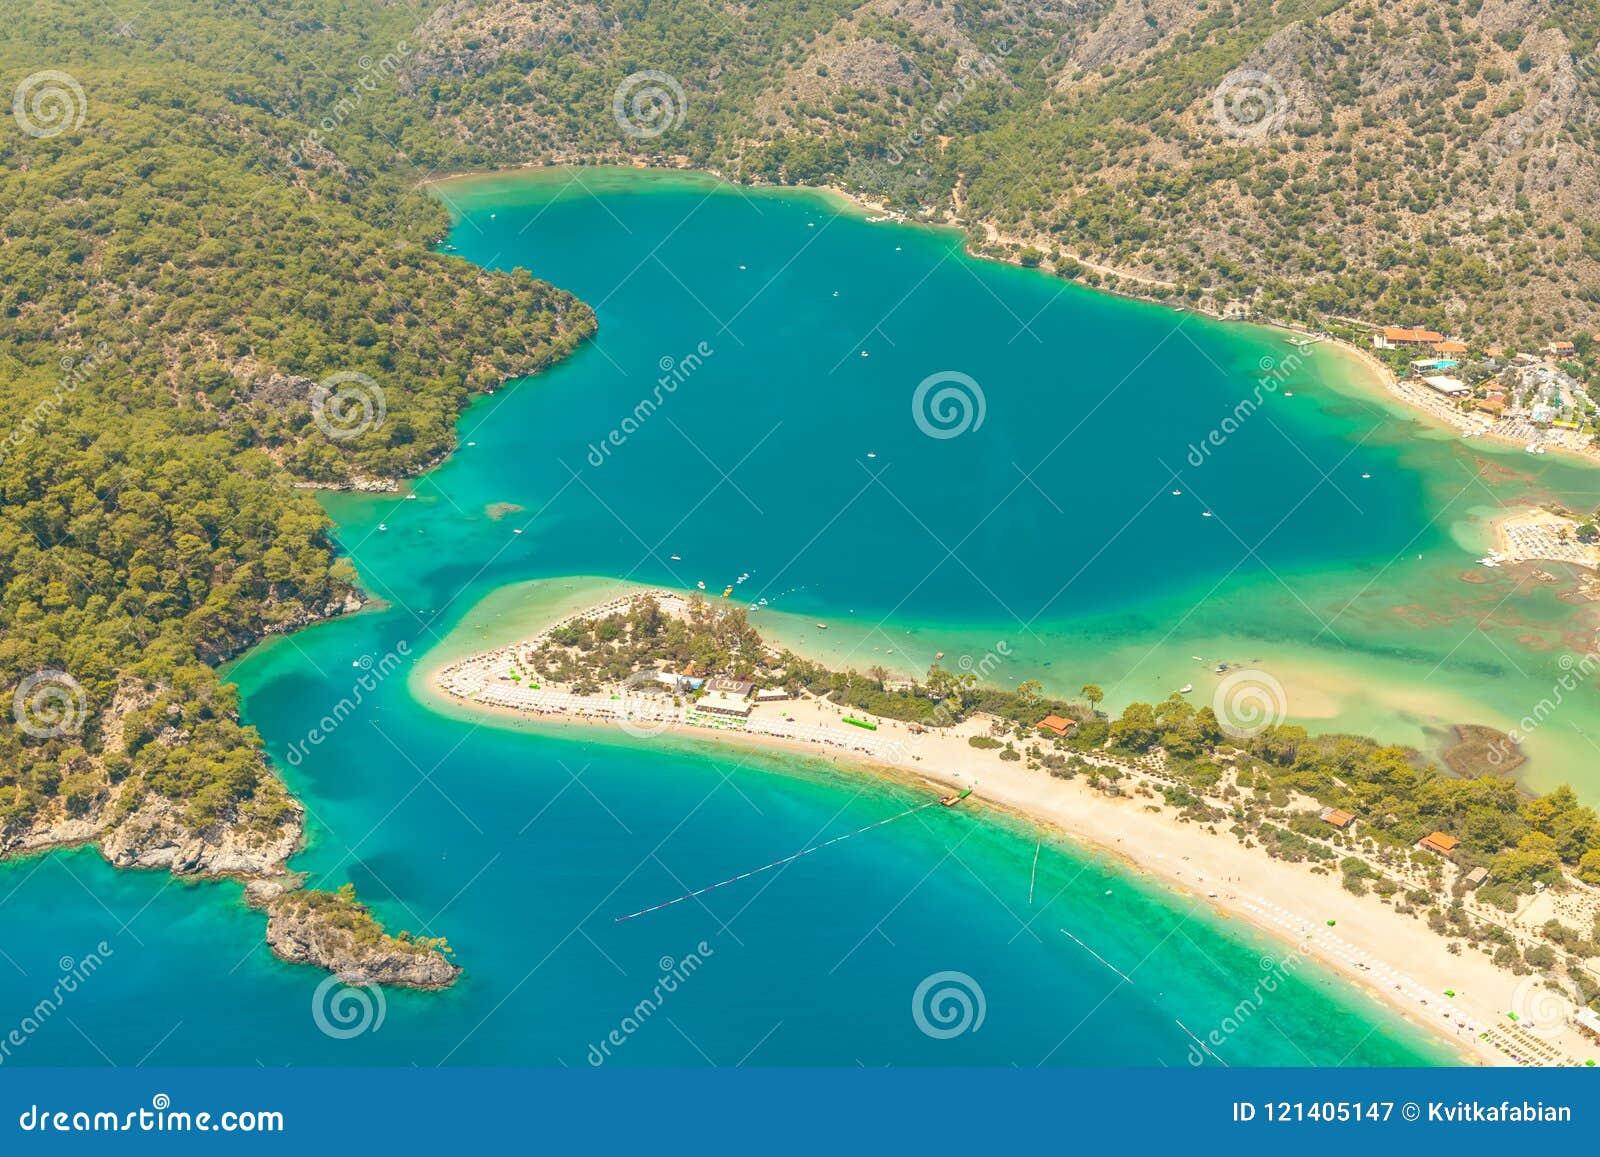 Fethiye, Турция - пляж Belcekiz панорамного взгляда Oludeniz, голубая лагуна Fethiye от воздуха или трутня viareggio свободного п